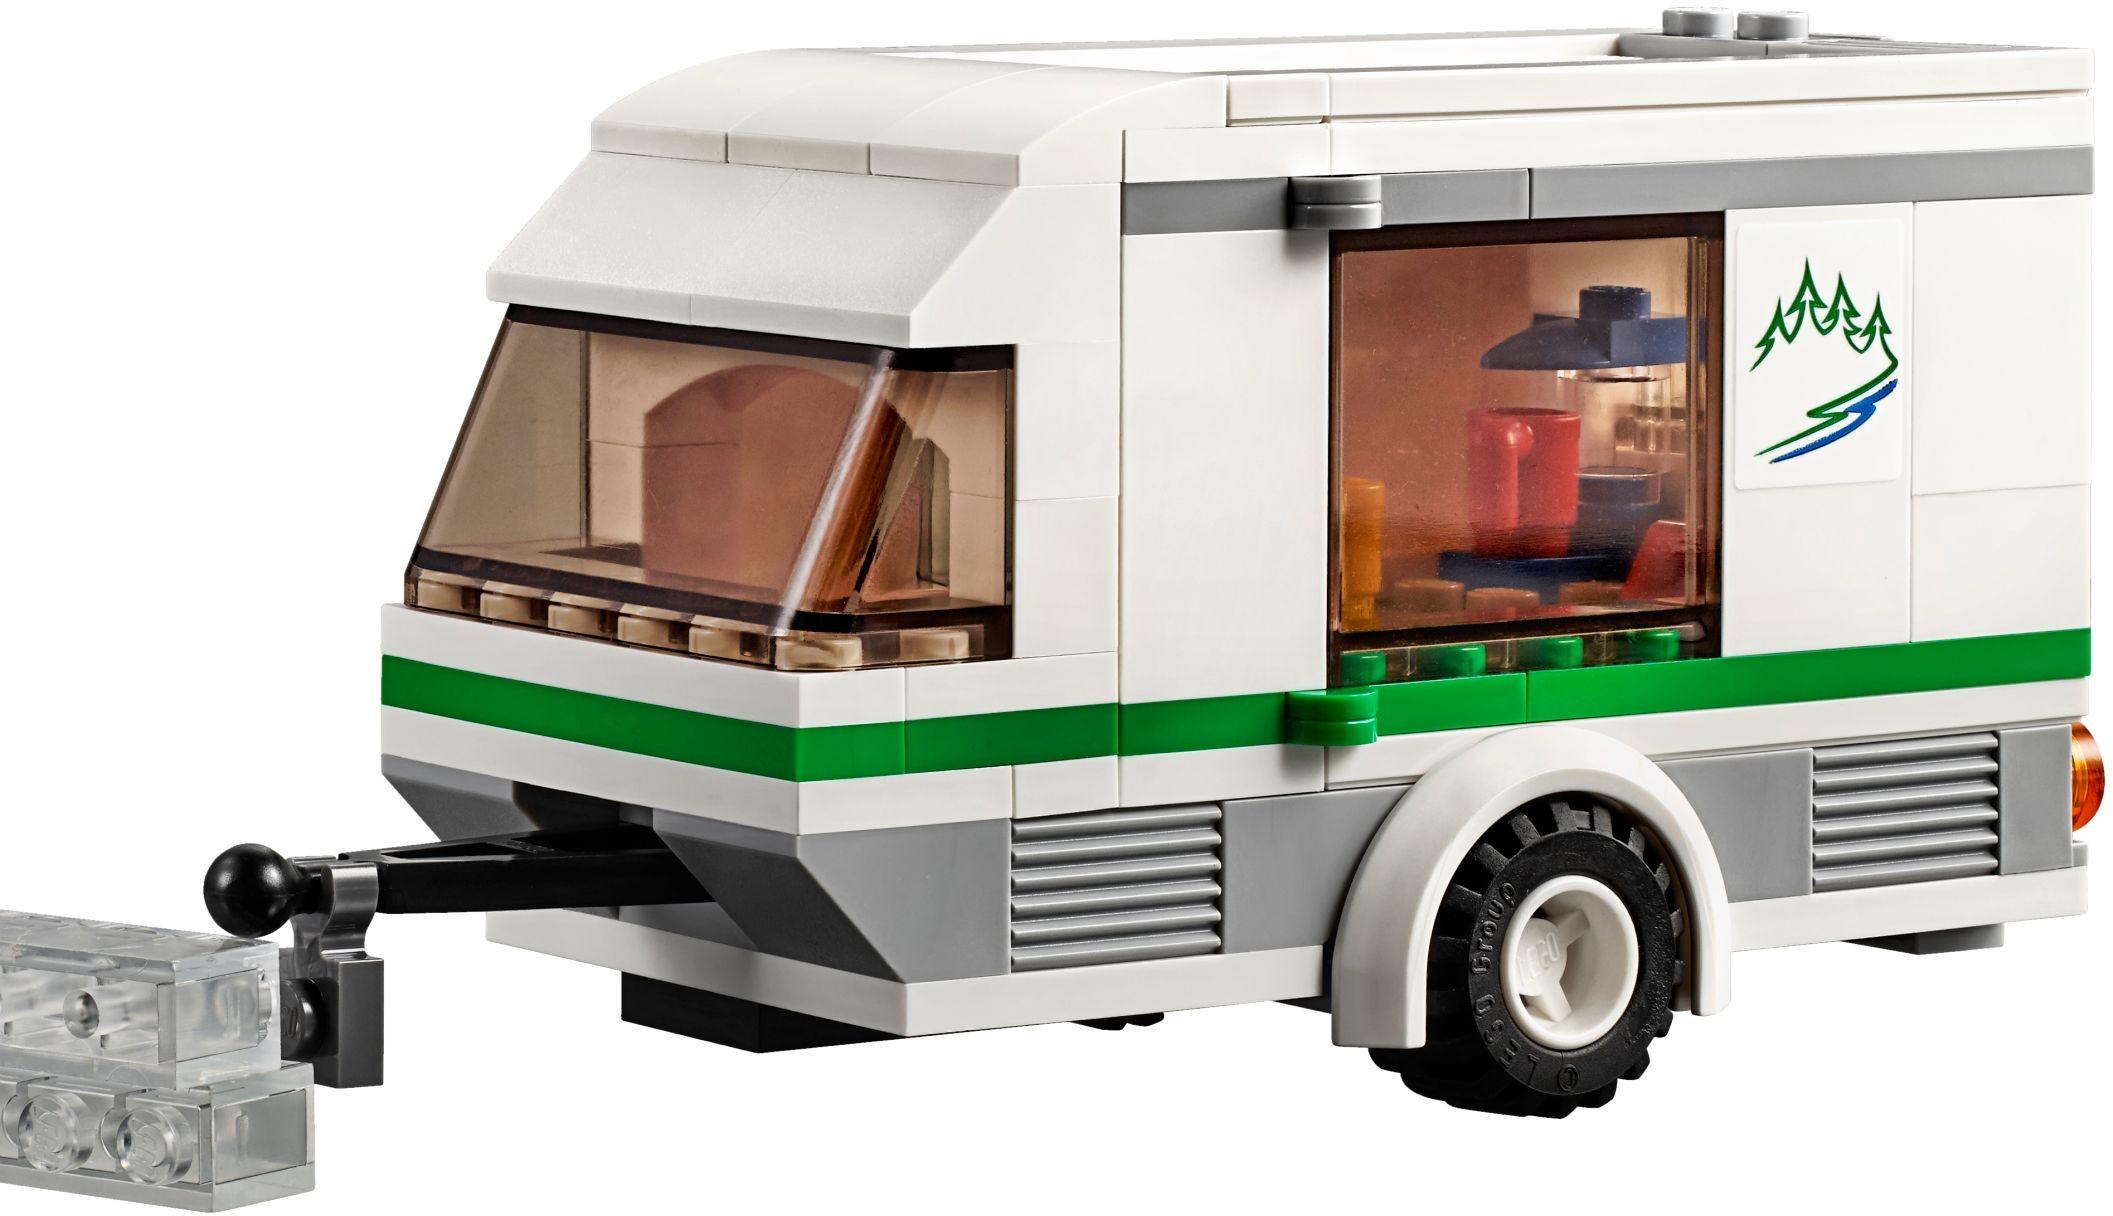 lego city 60117 pas cher la camionnette et sa caravane. Black Bedroom Furniture Sets. Home Design Ideas